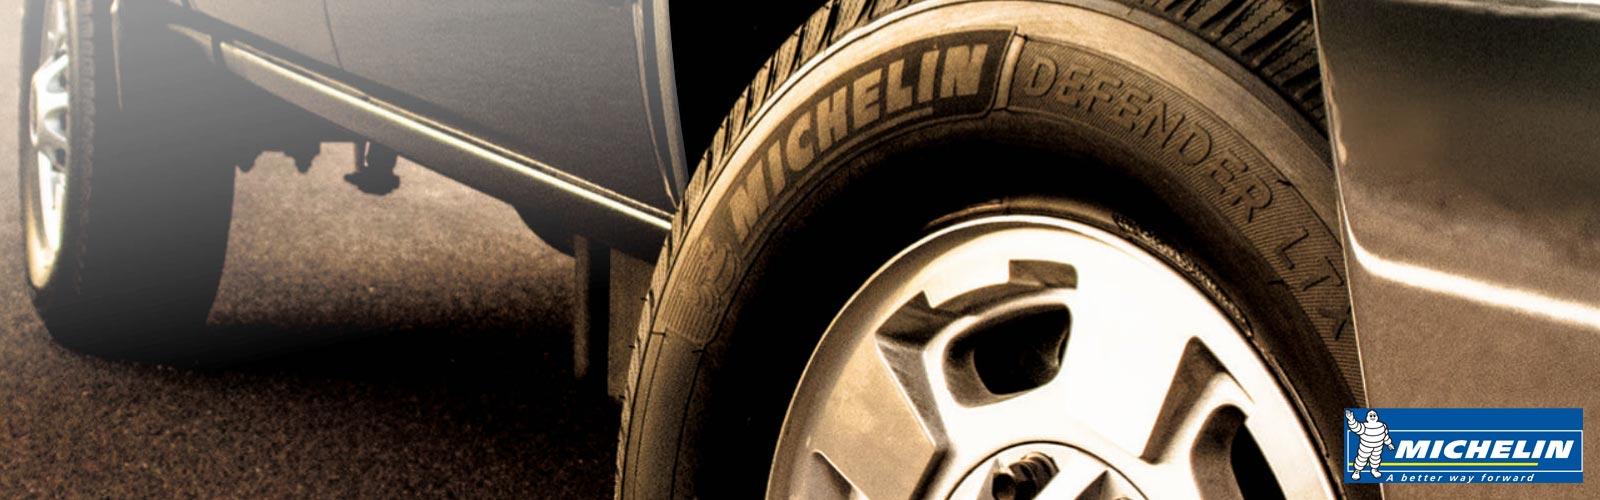 Michelin Tire special